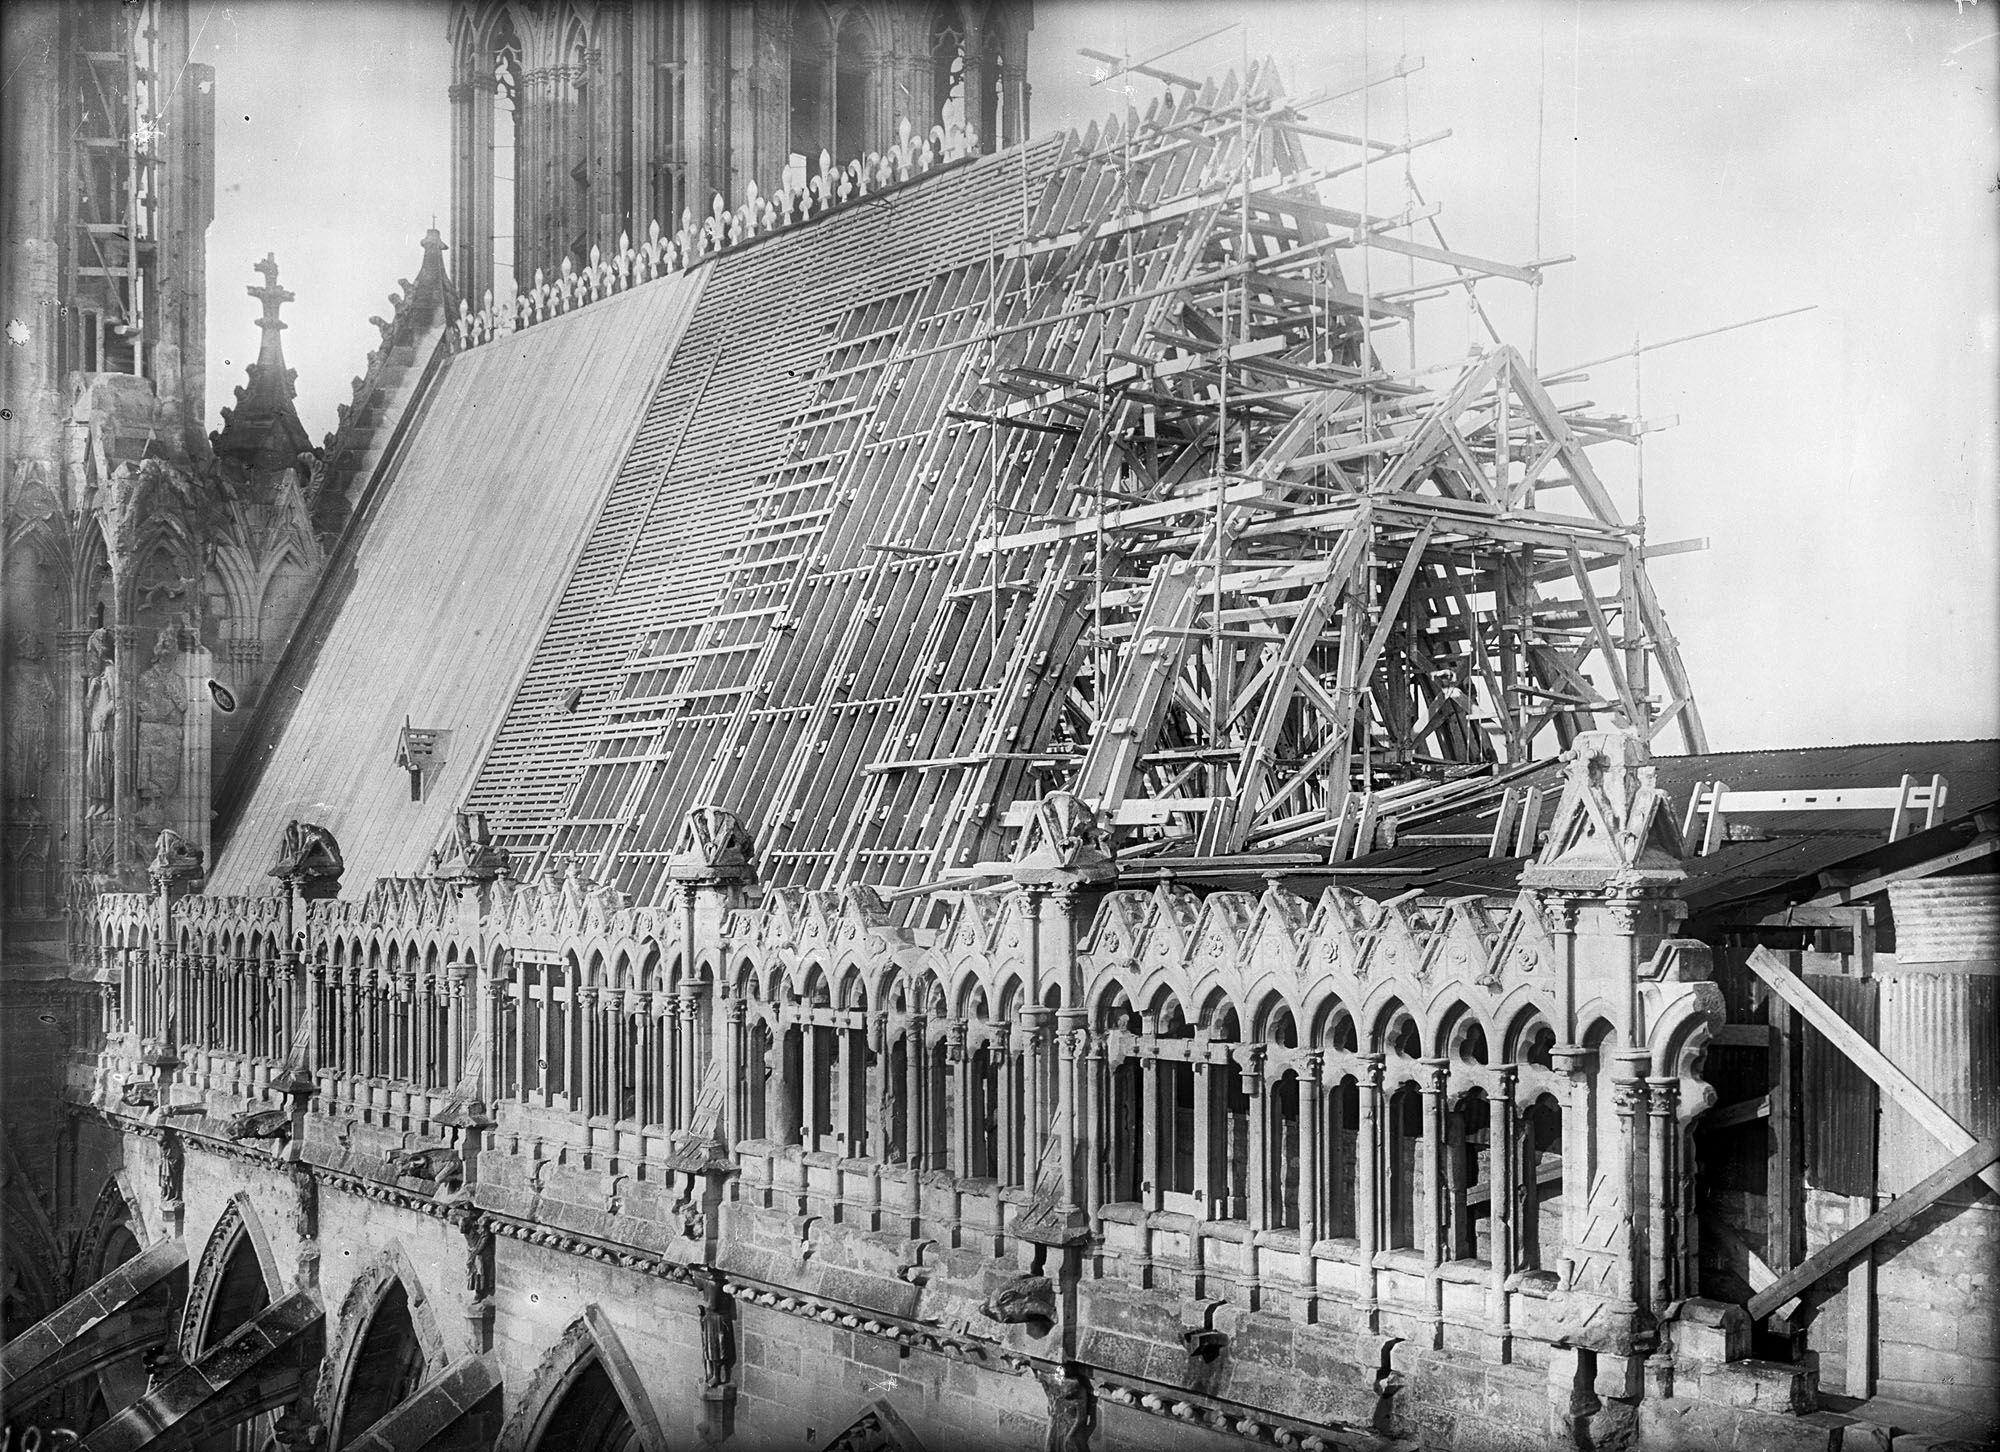 1926 Reconstruction De La Cathedrale De Reims Les Collections De La Map Ministere De La Culture Genie Civil En Cours De Construction Cathedrale